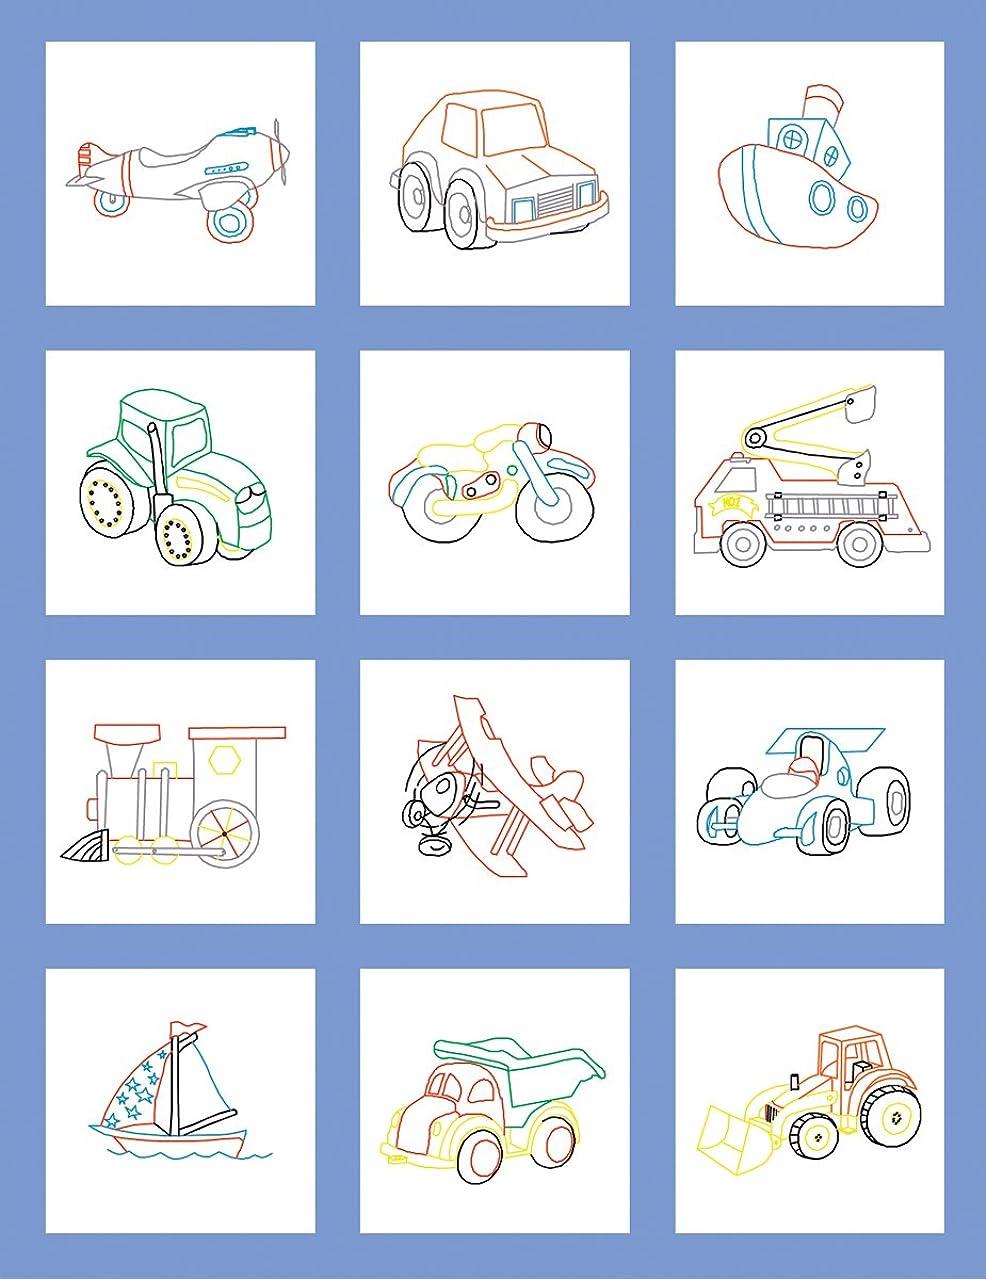 Fairway 92317 Baby Quilt Block, Toy Design, Twelve Blocks, White